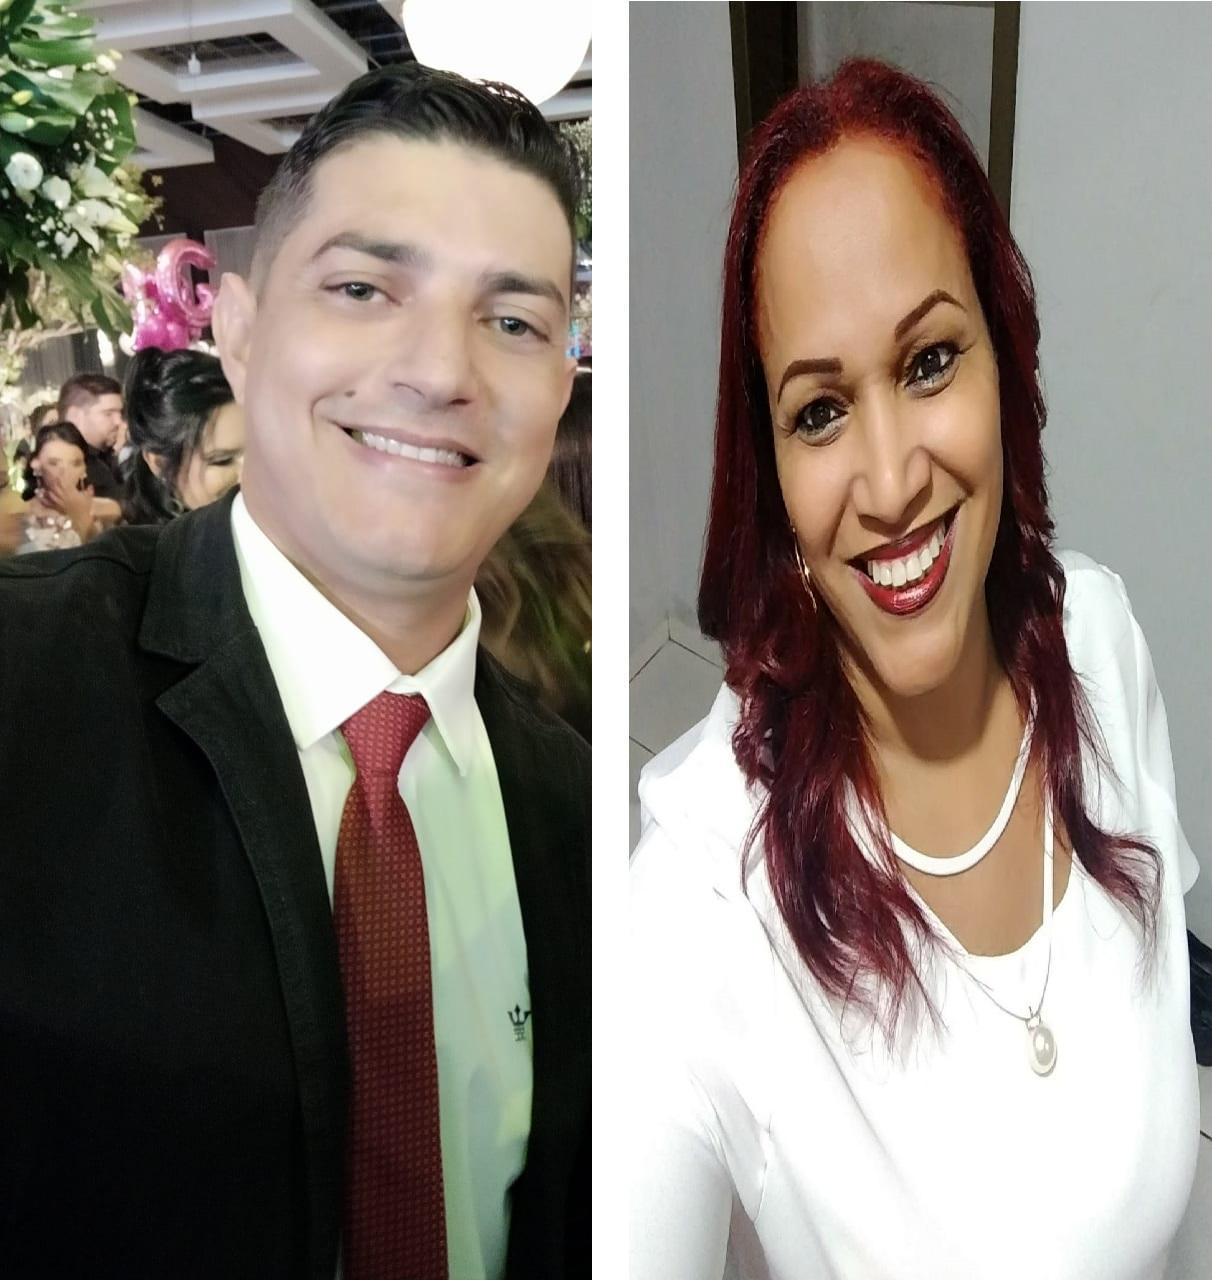 Campanha eleitoral para dirigentes escolares começa nesta quinta-feira(27), em Taquarussu estão na disputa Professora Ivanete de Souza e Professor Ailton Gordiano